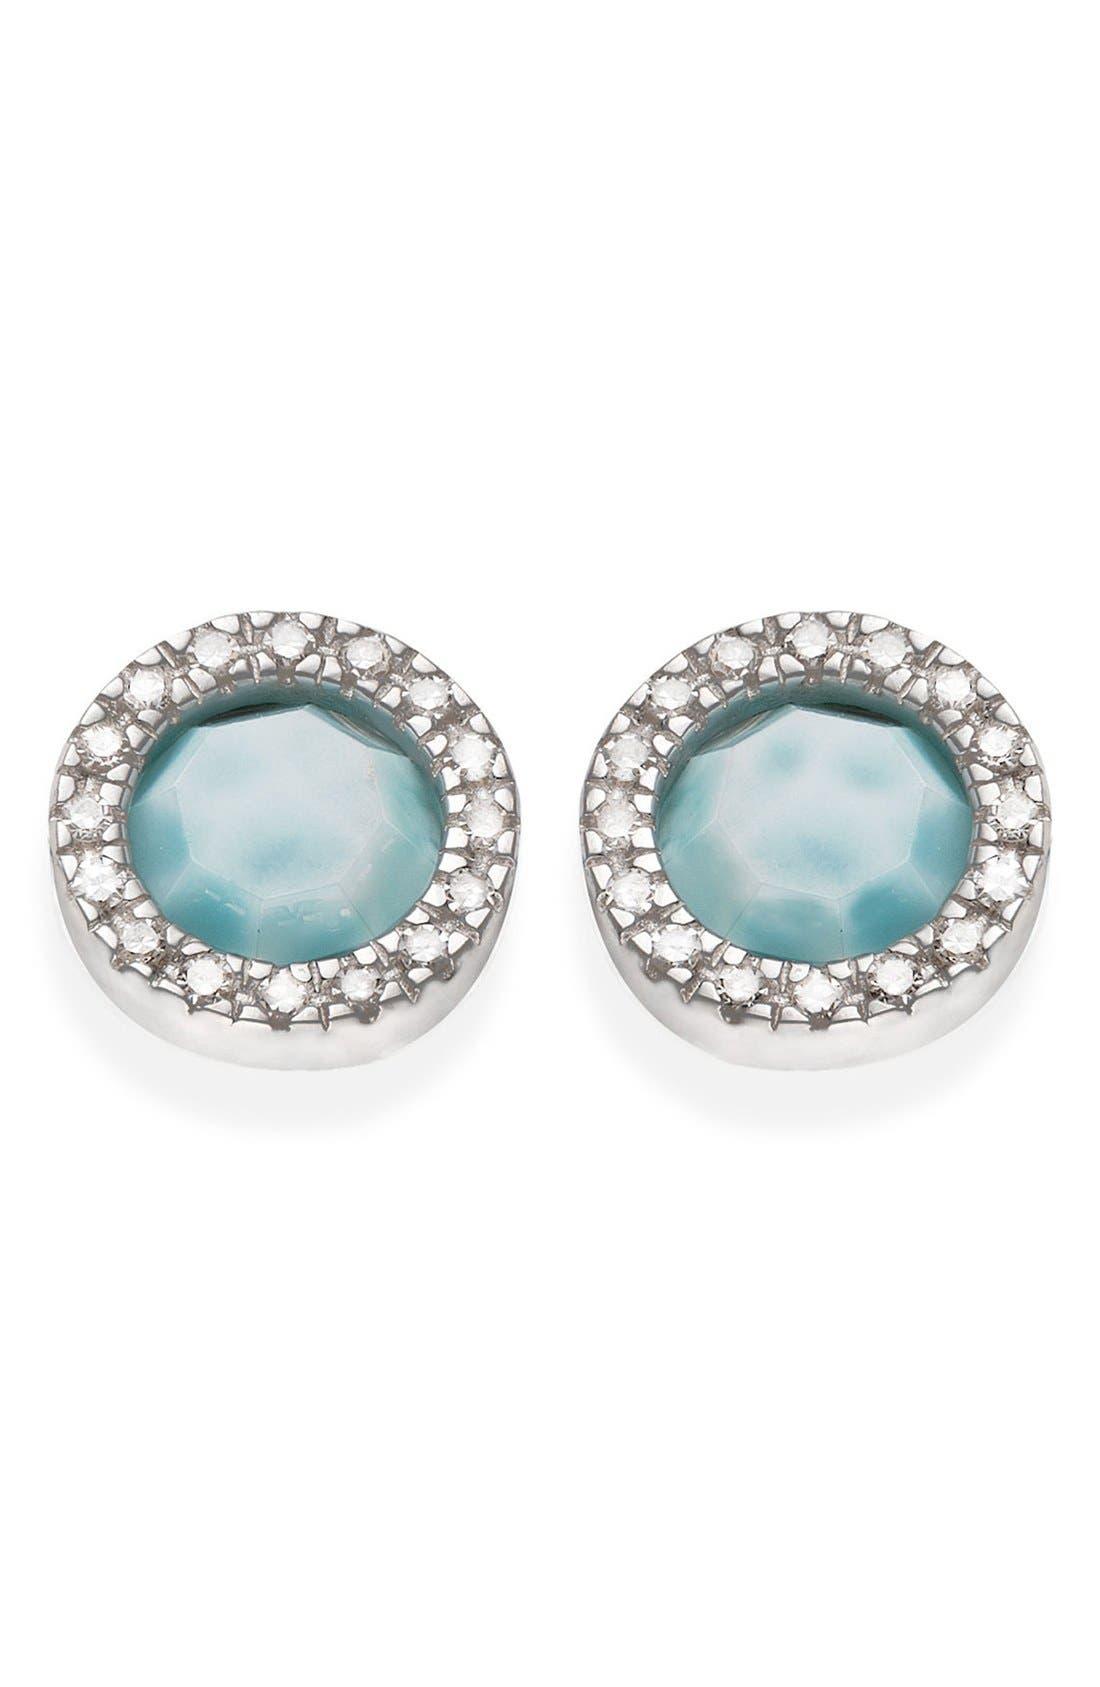 Monica Vinader Naida Diamond & Larimar Circle Stud Earrings